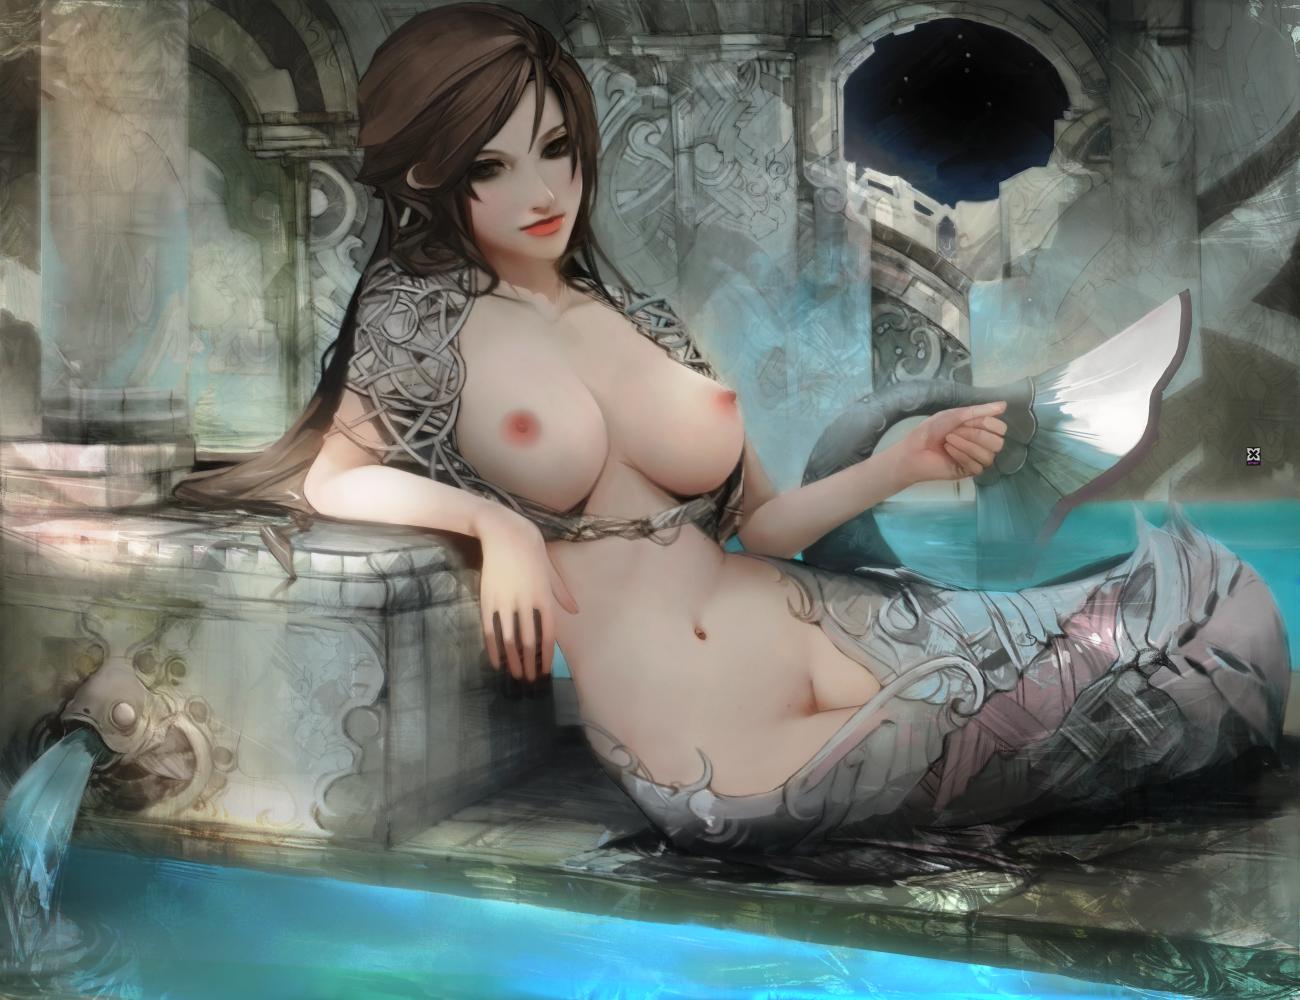 Cg art galleries of erotic fantasy xxx pic